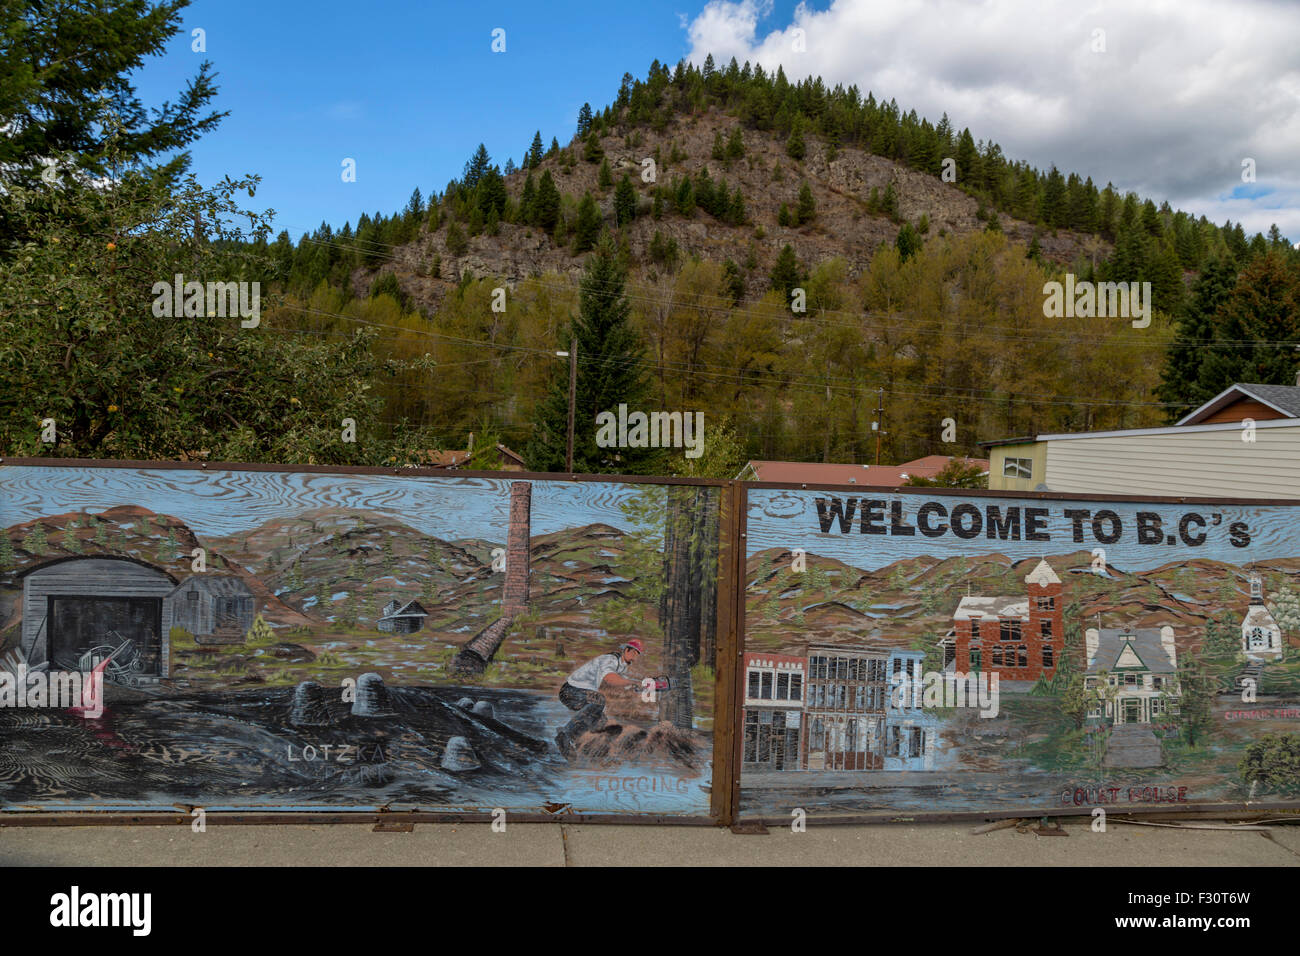 Holzplatten mit historischen Abbildungen des ehemaligen Bergbaus in Greenwood, Britisch-Kolumbien, Kanada, Nordamerika. Stockbild